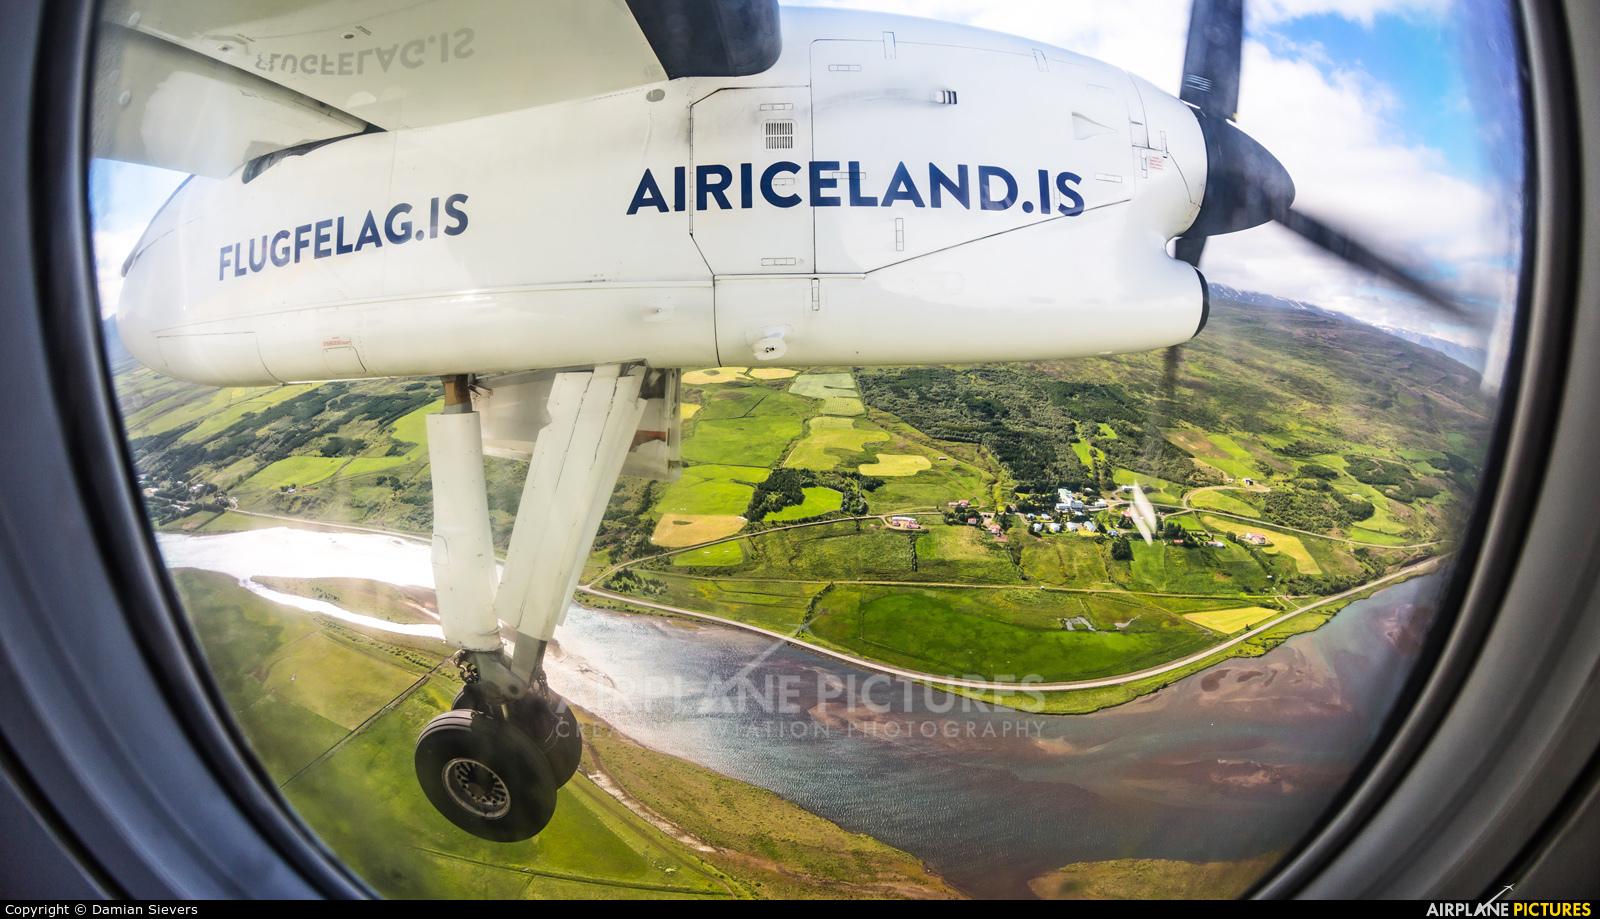 Flugfelag Islands - Air Iceland TF-FXG aircraft at In Flight - Iceland